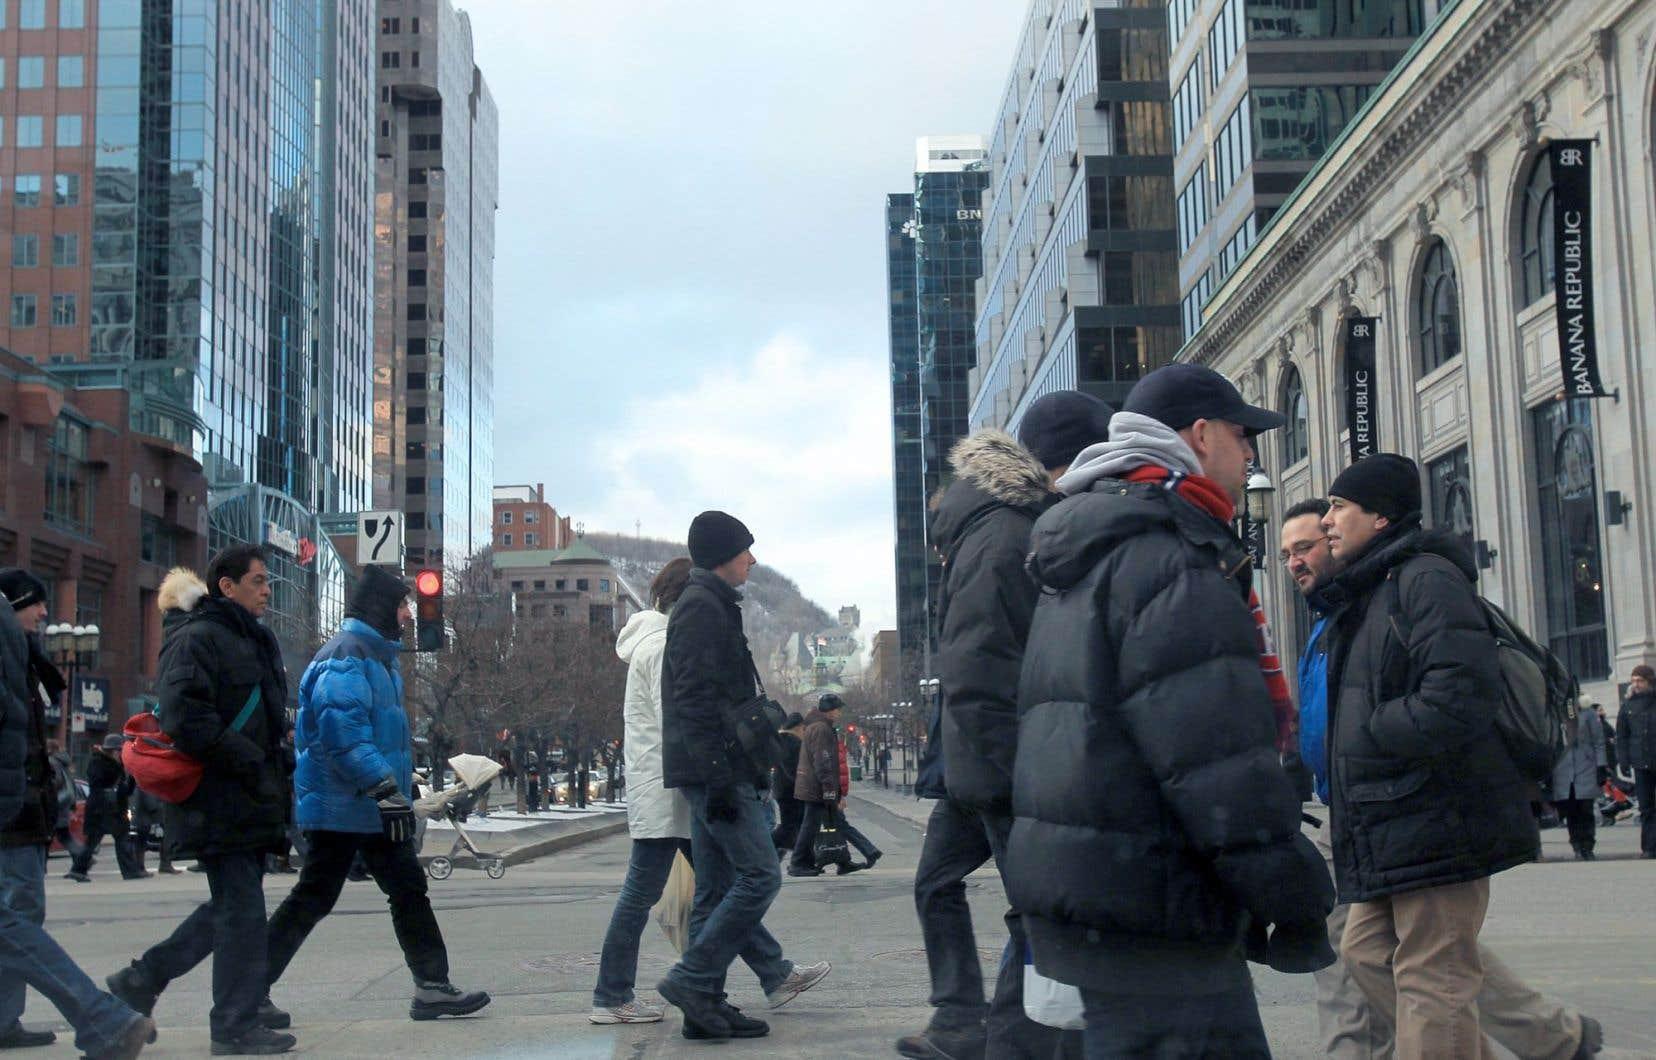 Comme le nombre de personnes à la recherche d'emploi a progressé, le taux de chômage a augmenté de 0,4 point de pourcentage pour atteindre 6,6 %.